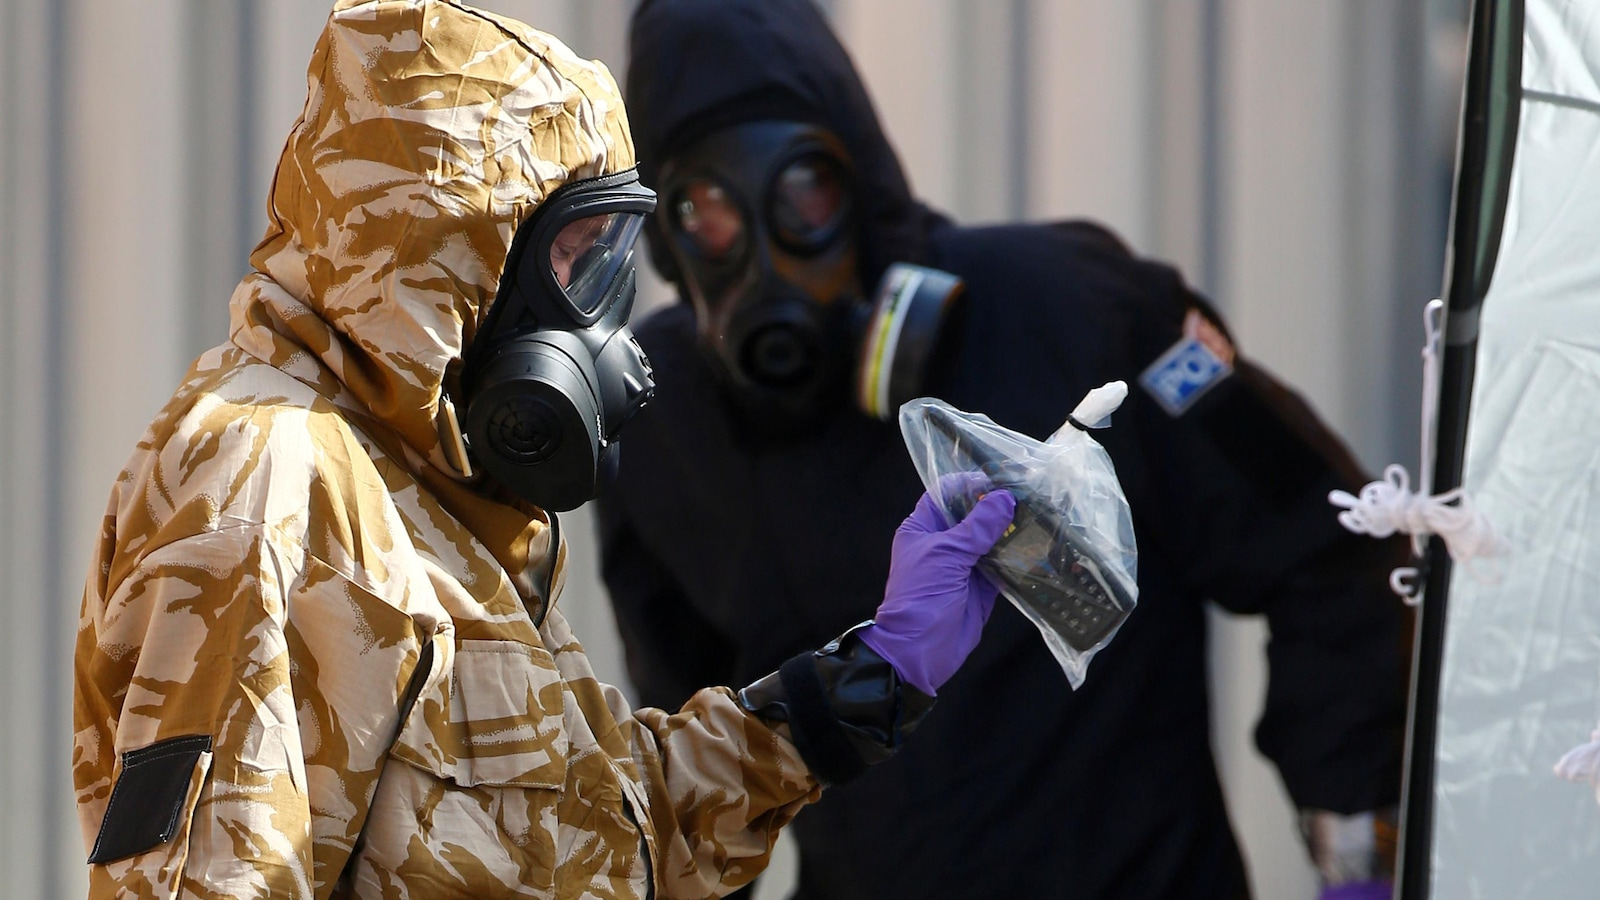 Deux hommes en habit de protection, un d'entre eux tient un téléphone dans un sac de plastique.